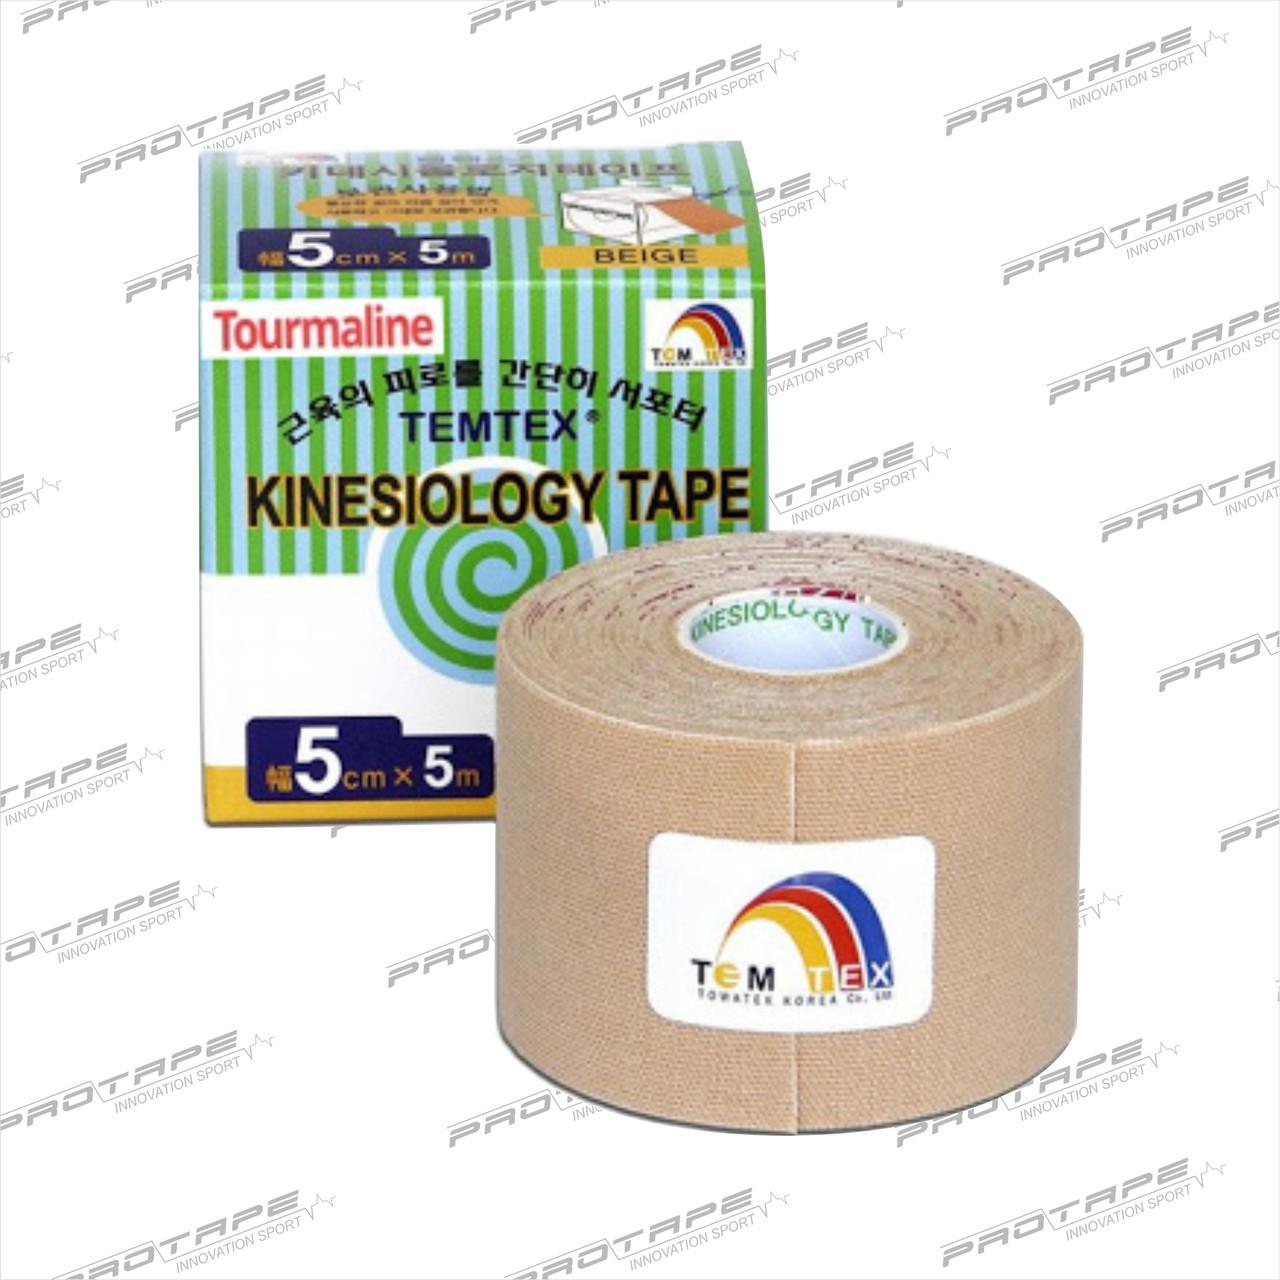 Кинезио тейп Temtex Kinesiology Tape 5см х 5м (Tourmaline)